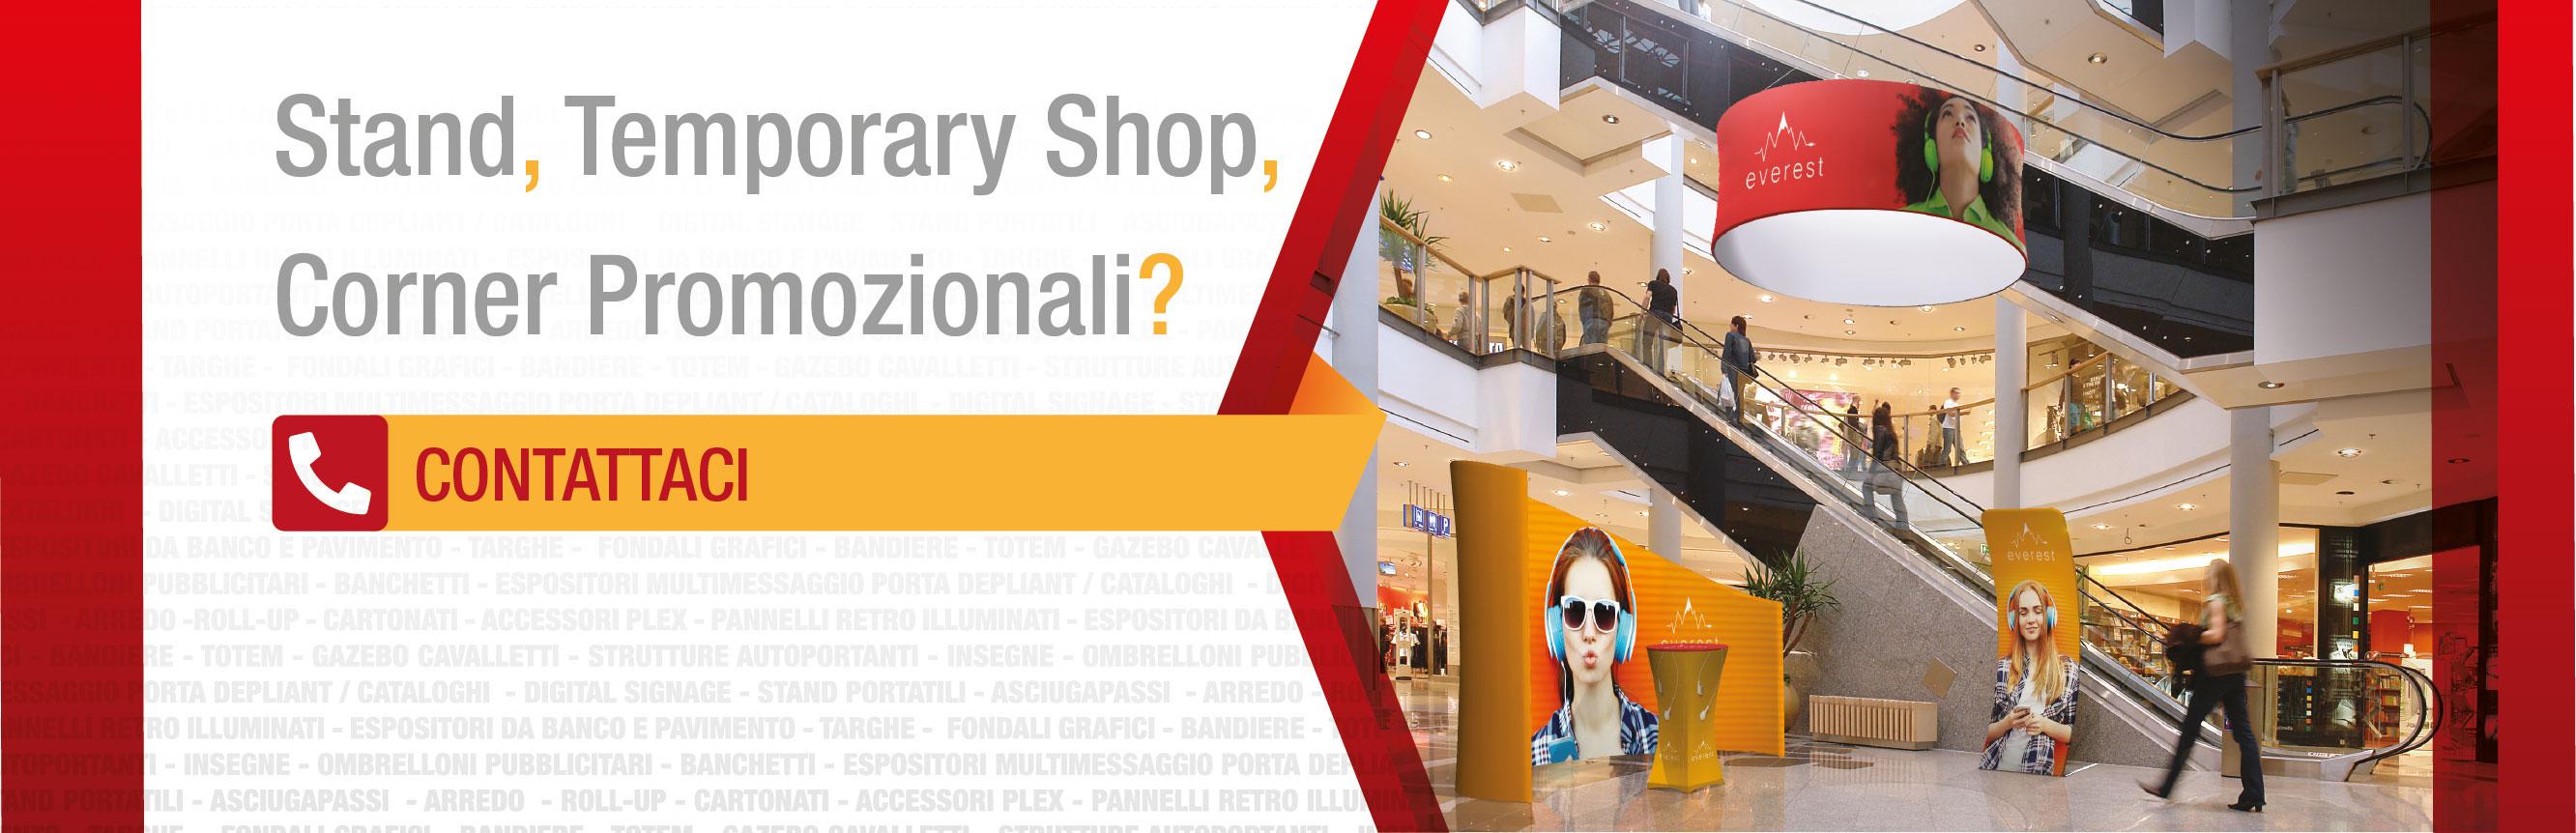 stand portatili temporary store corner promozionali banner